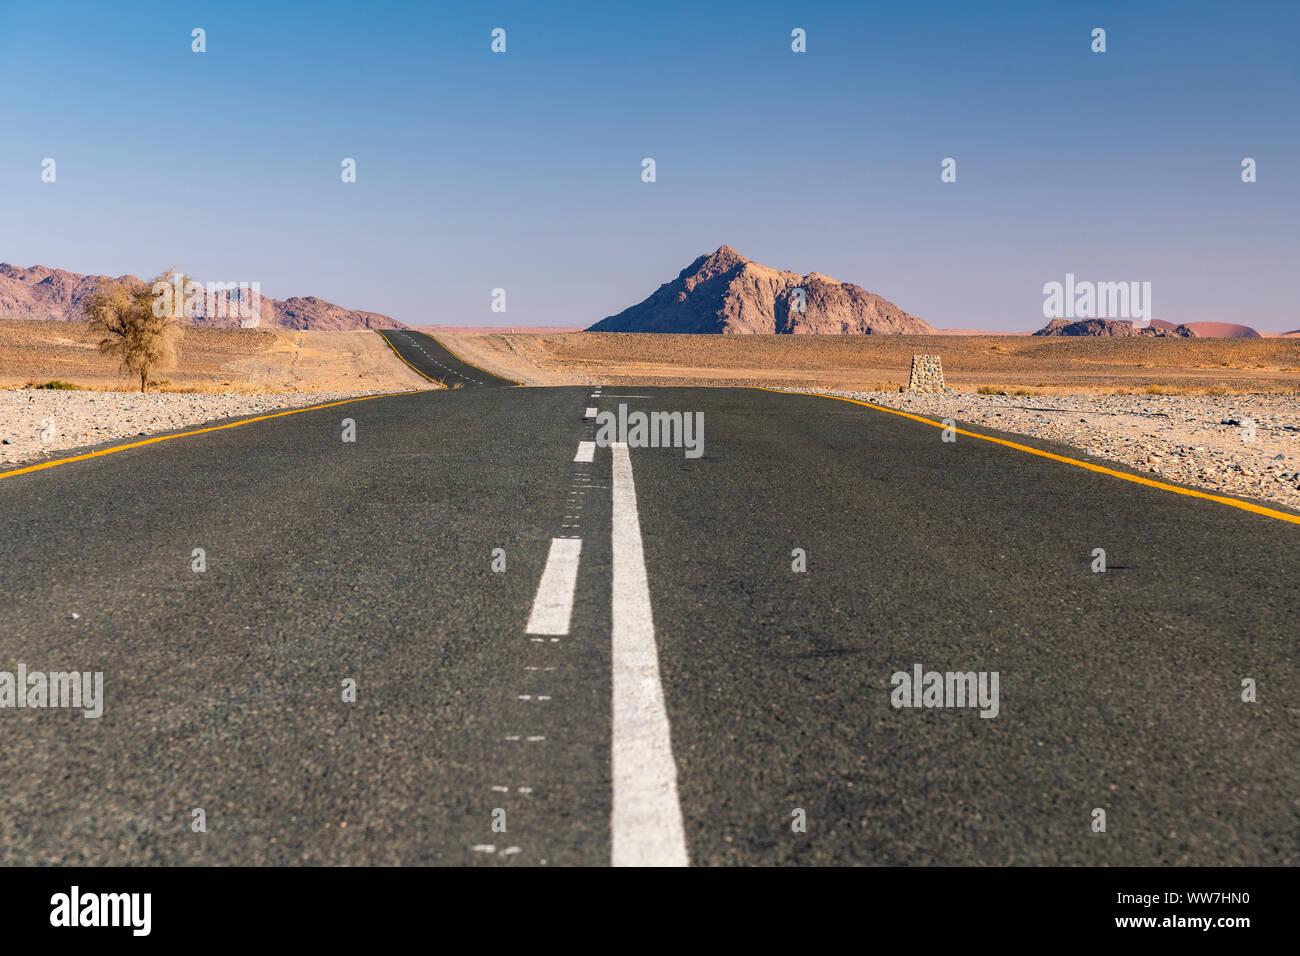 Route pavée, Namib-Naukluft National Park, Sesriem, Namibie Banque D'Images